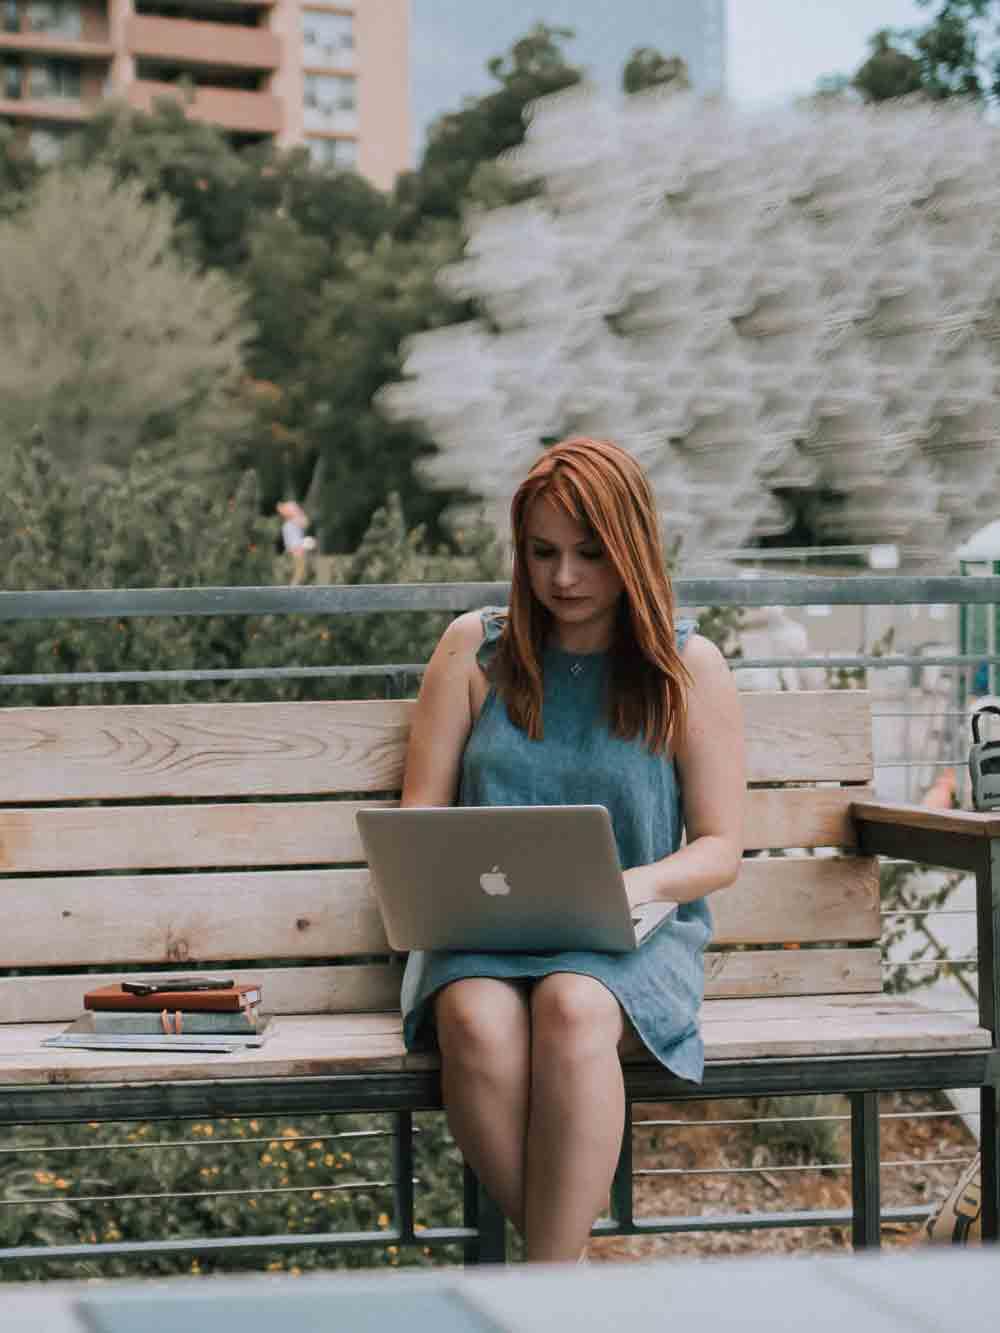 Frau_arbeitet_draußen